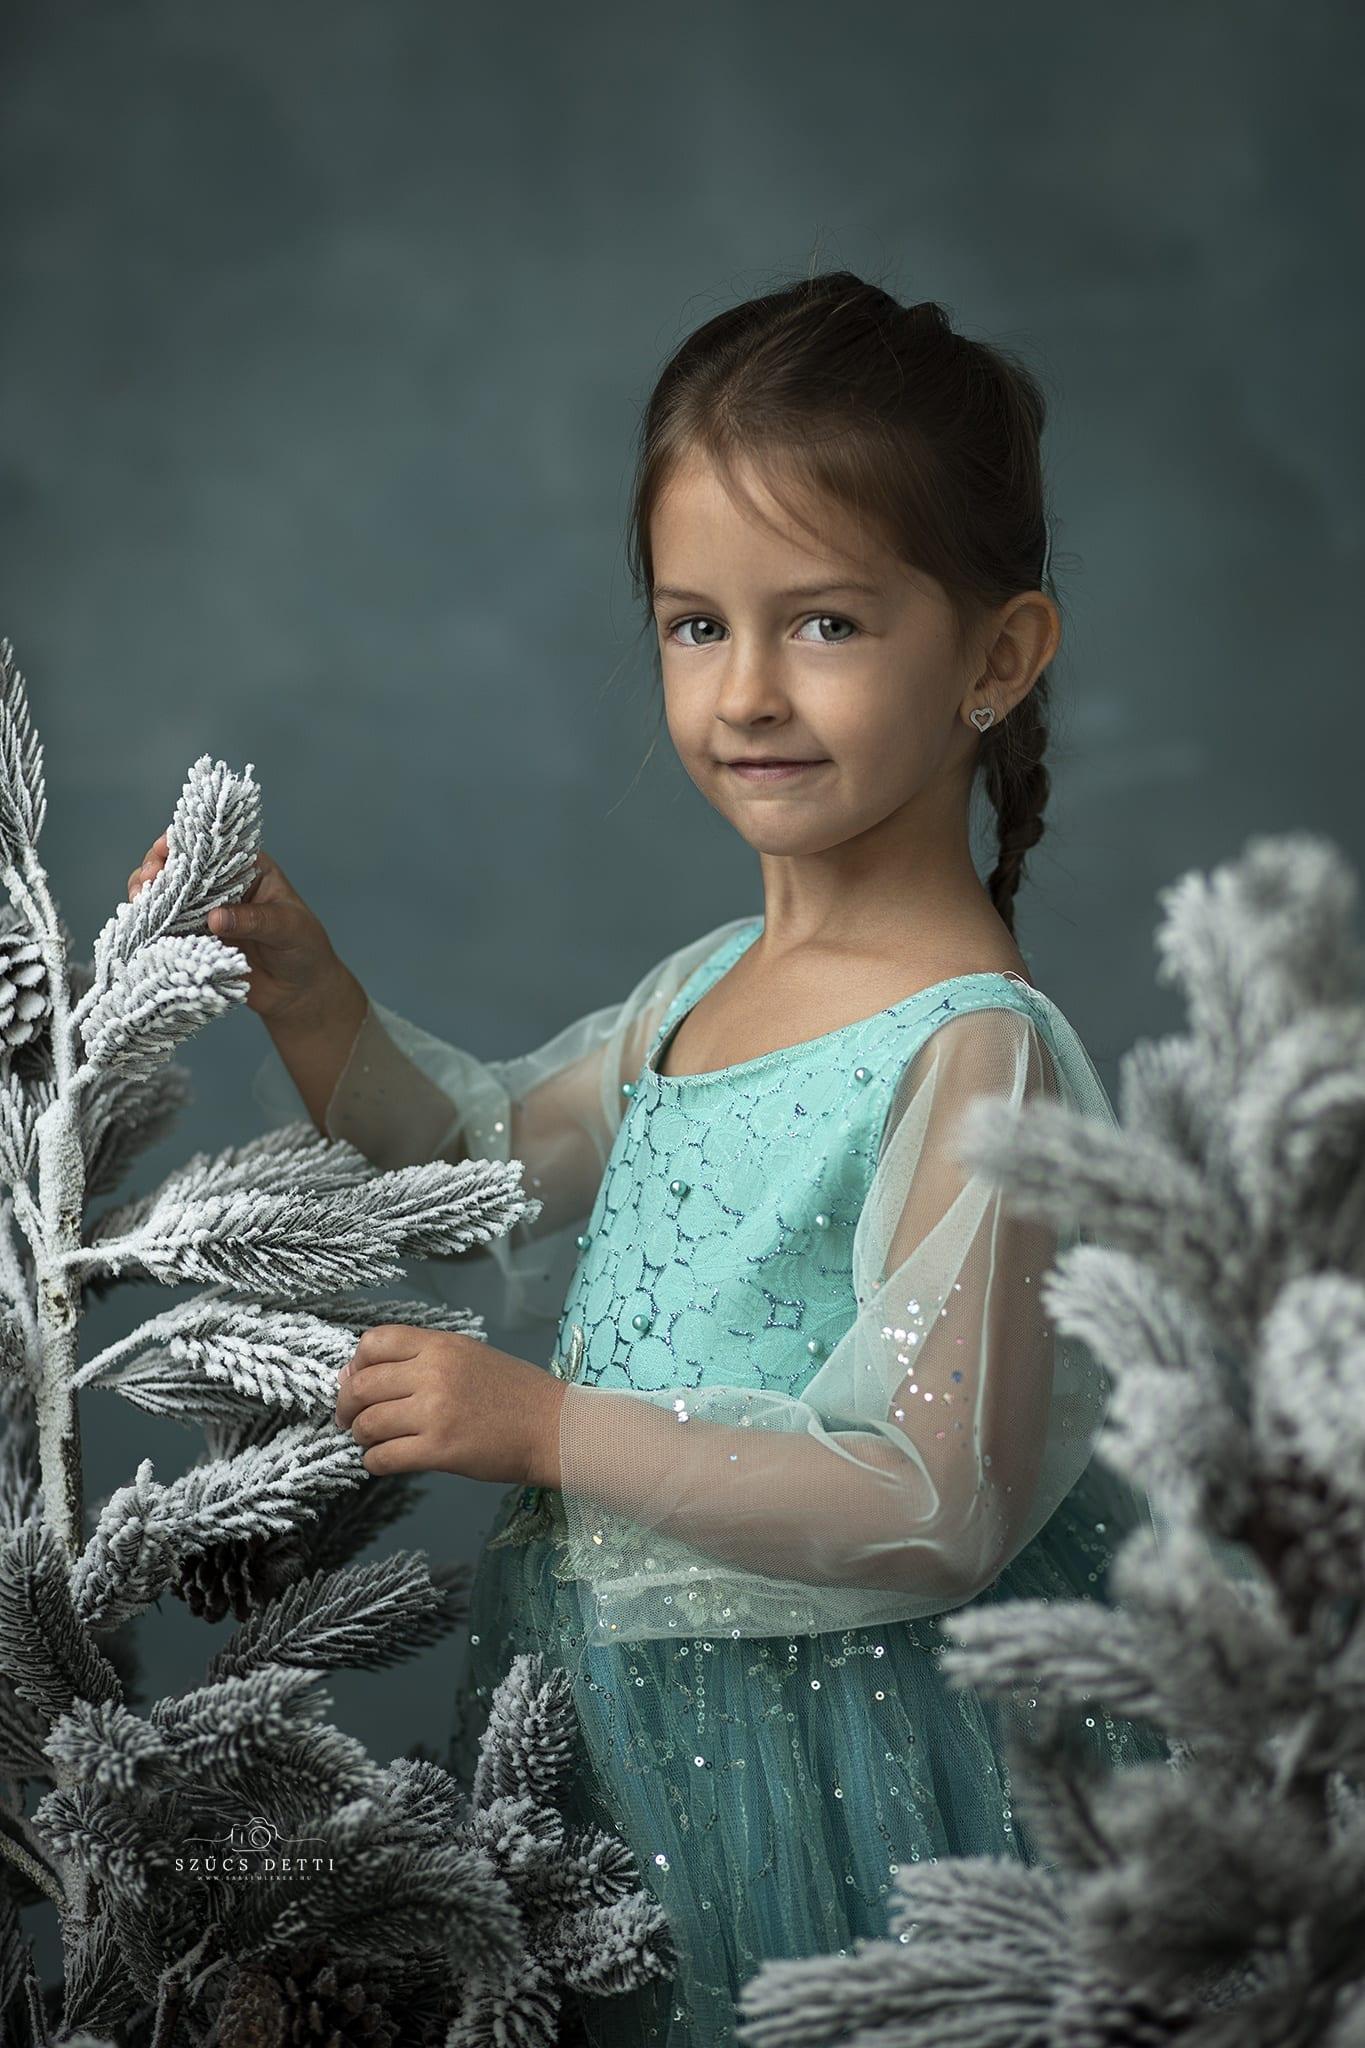 Gyermek portréfotózás budapesti fotóstúdióban